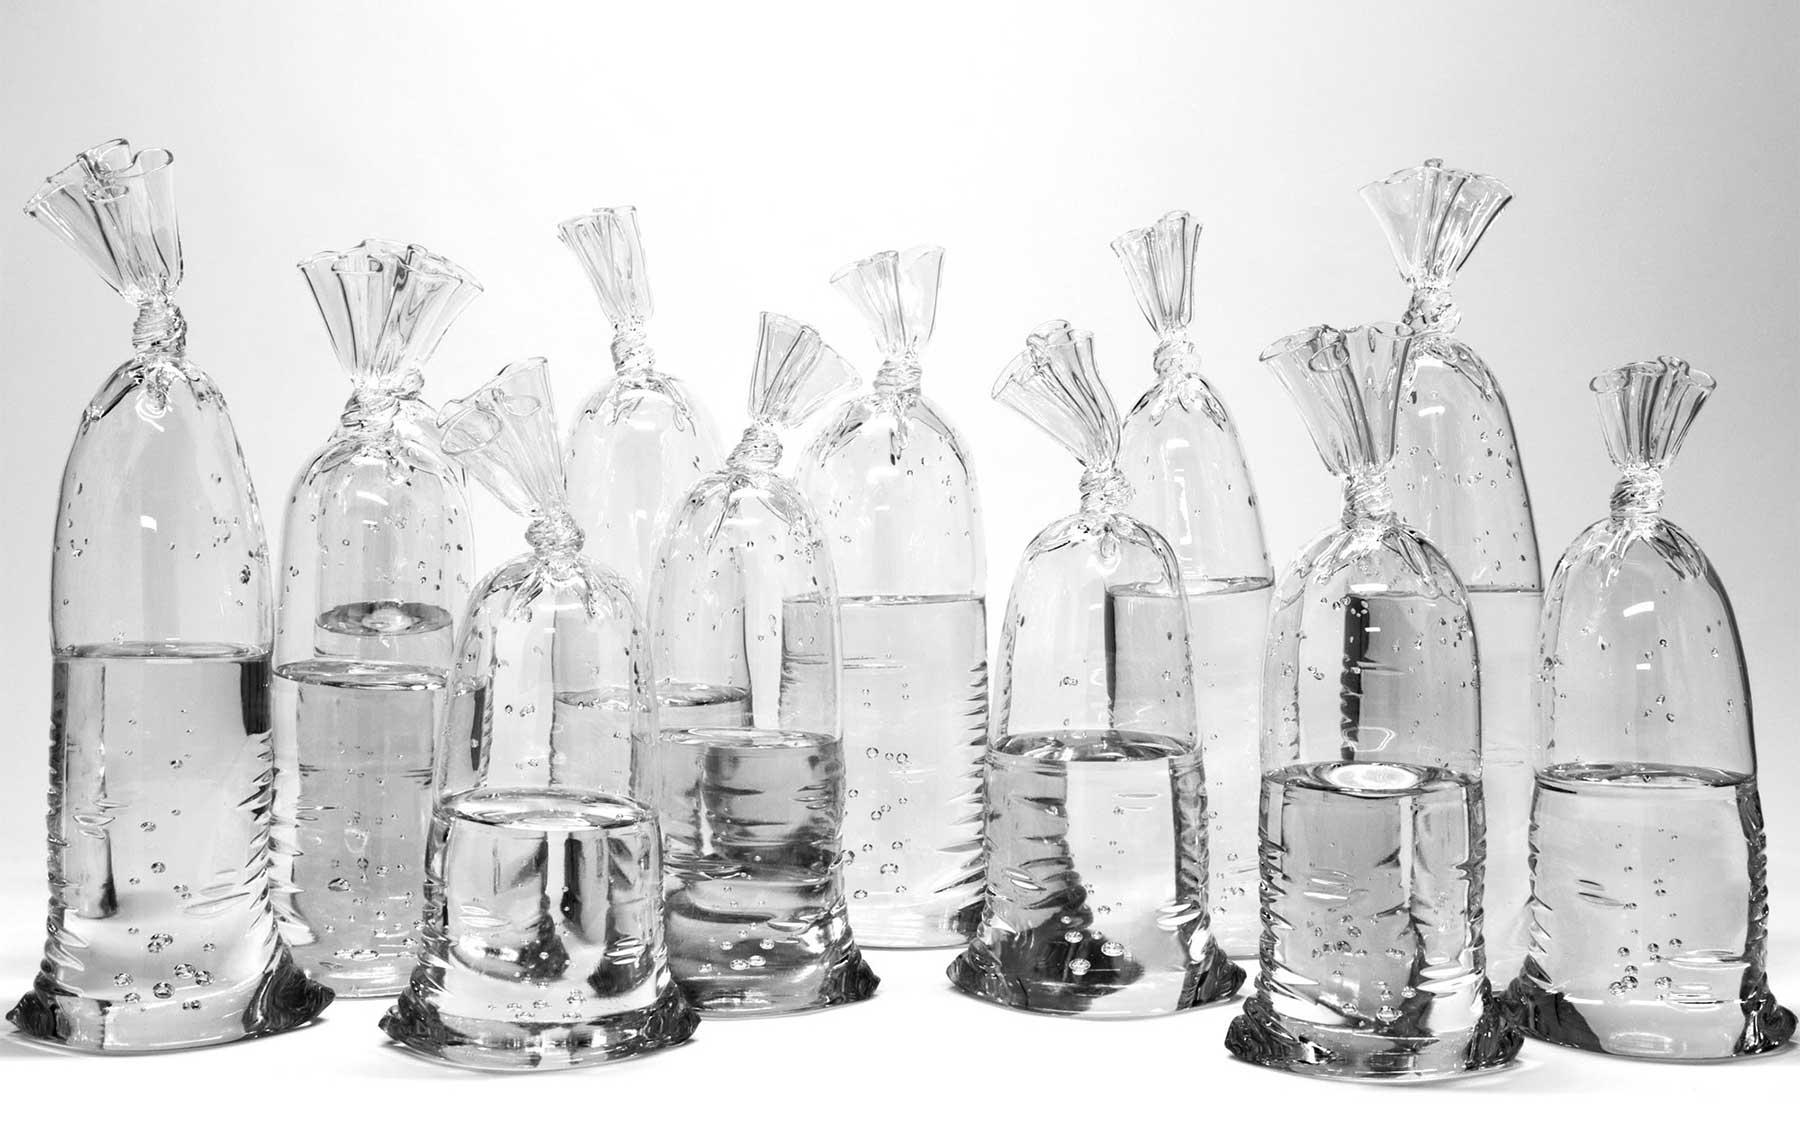 Aus Glas geblasene Plastikbeutel glasskulpturen-plastikbeutel-wasser-Dylan-Martinez_04